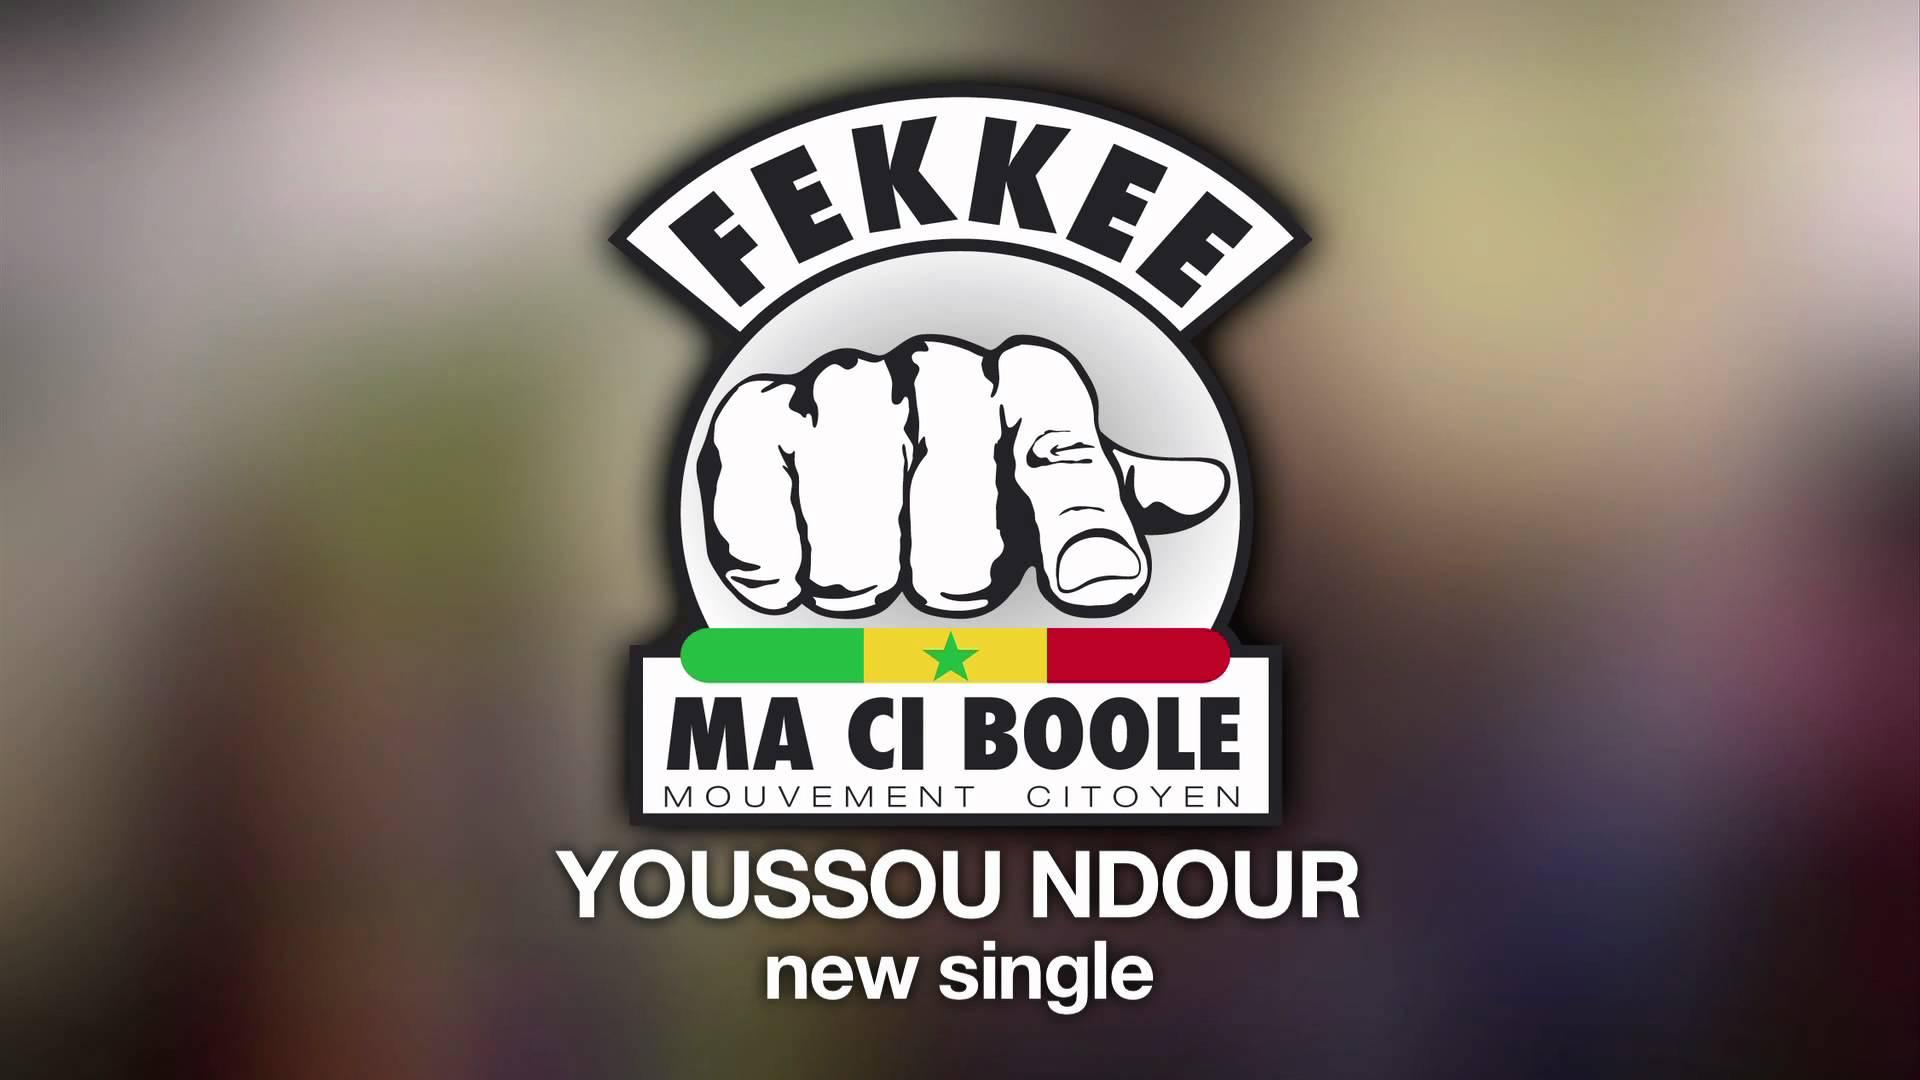 Fekke Maci Bolé: radioscopie d'une escroquerie politique